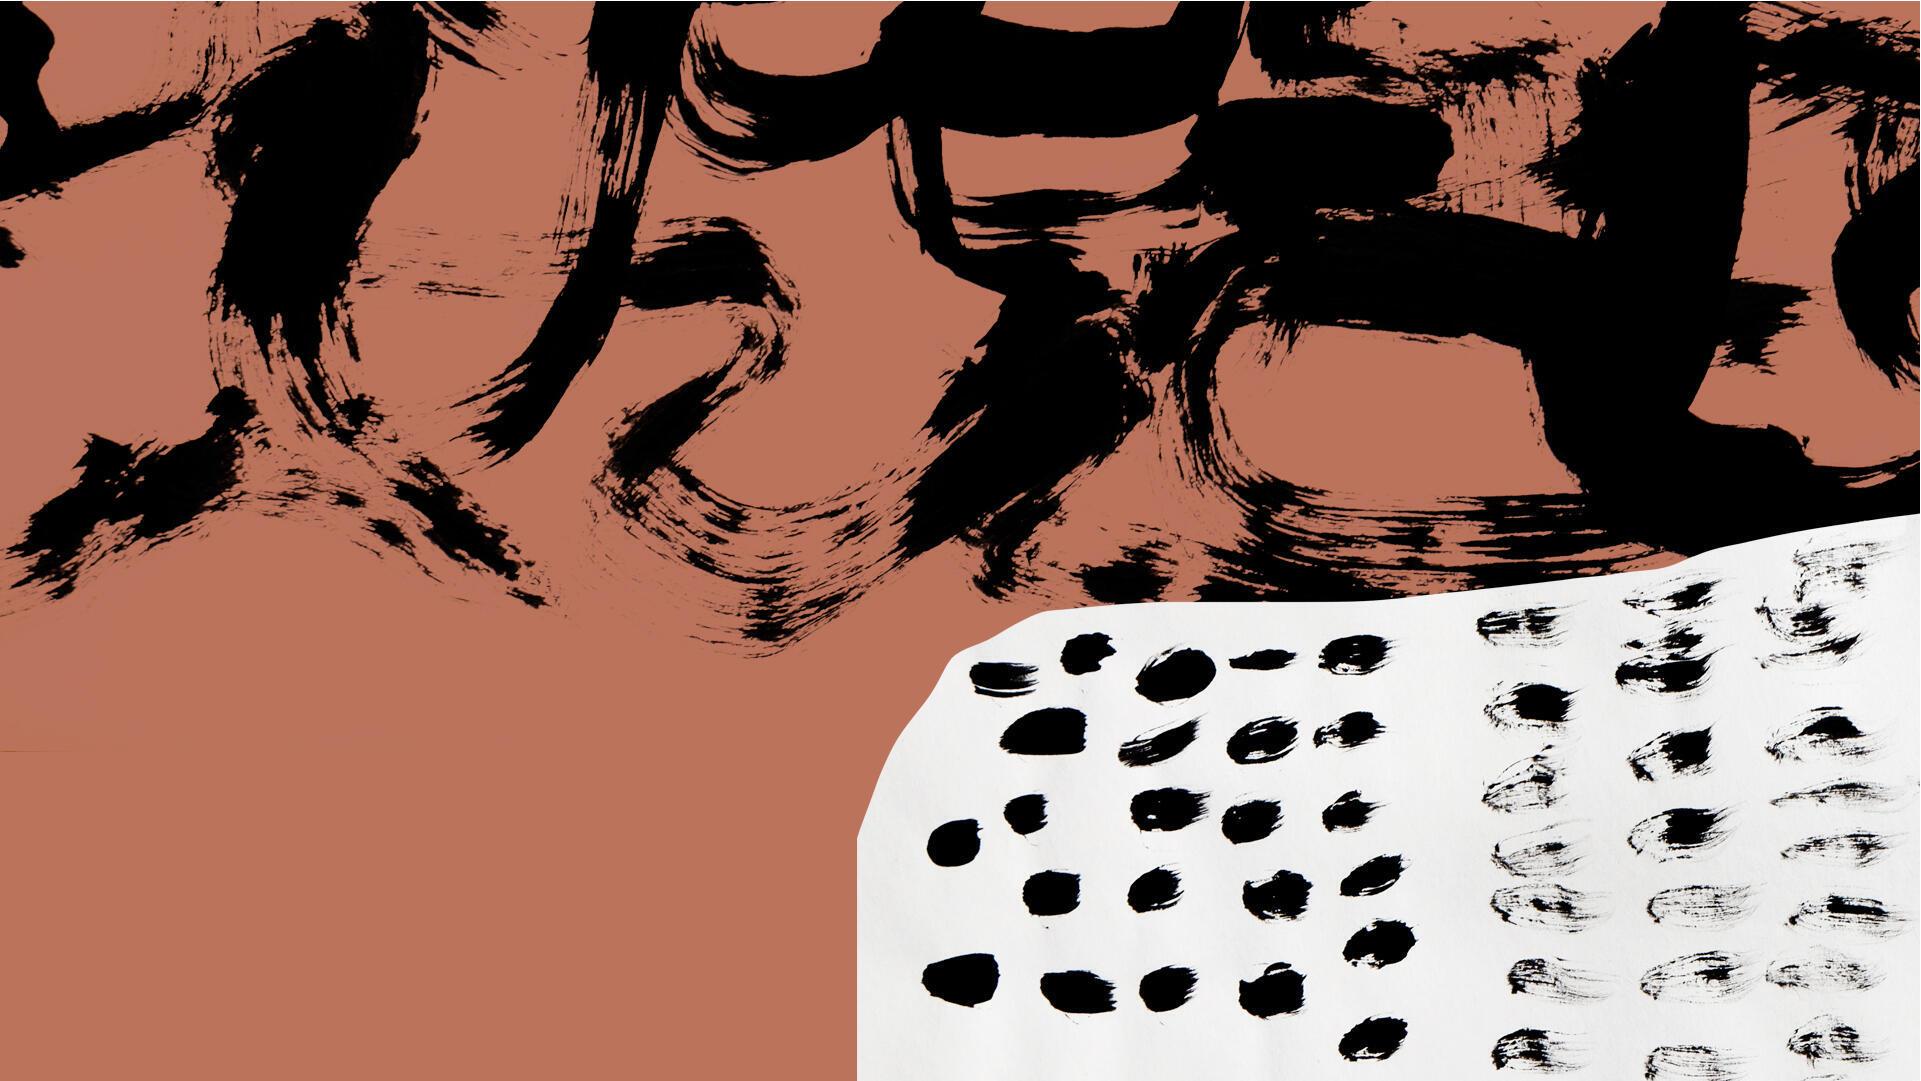 ELM-création-visuelle-collective_chèvres_72 dpi